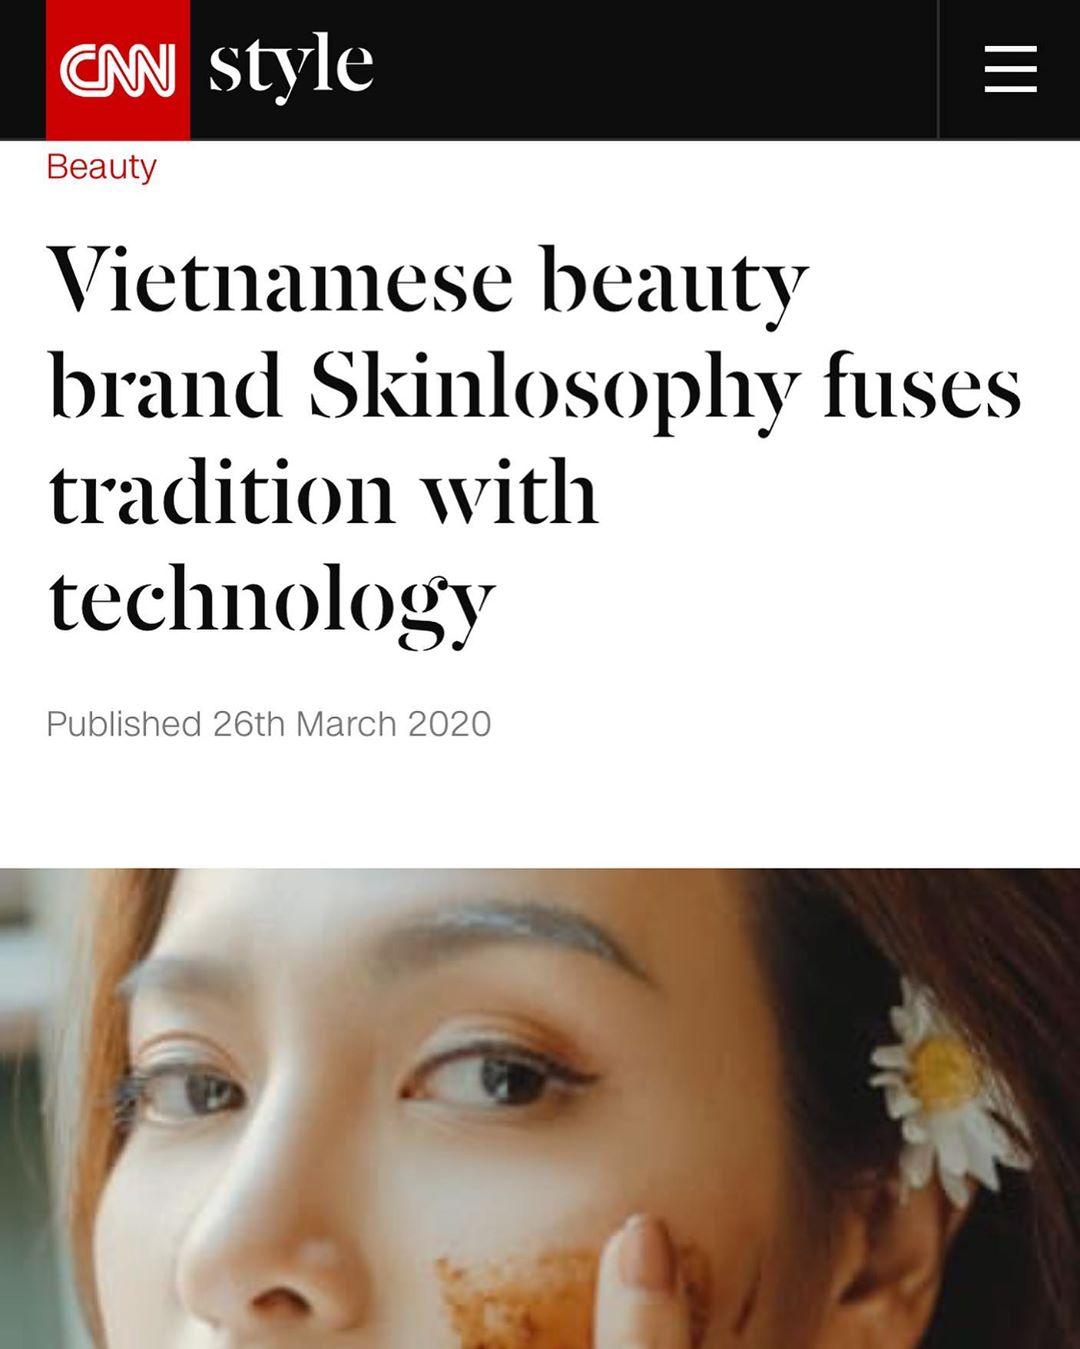 Được CNN khen nức nở, hãng mỹ phẩm Việt siêu giản dị đã làm thế nào mà được dân tình yêu thích đến vậy - Ảnh 1.